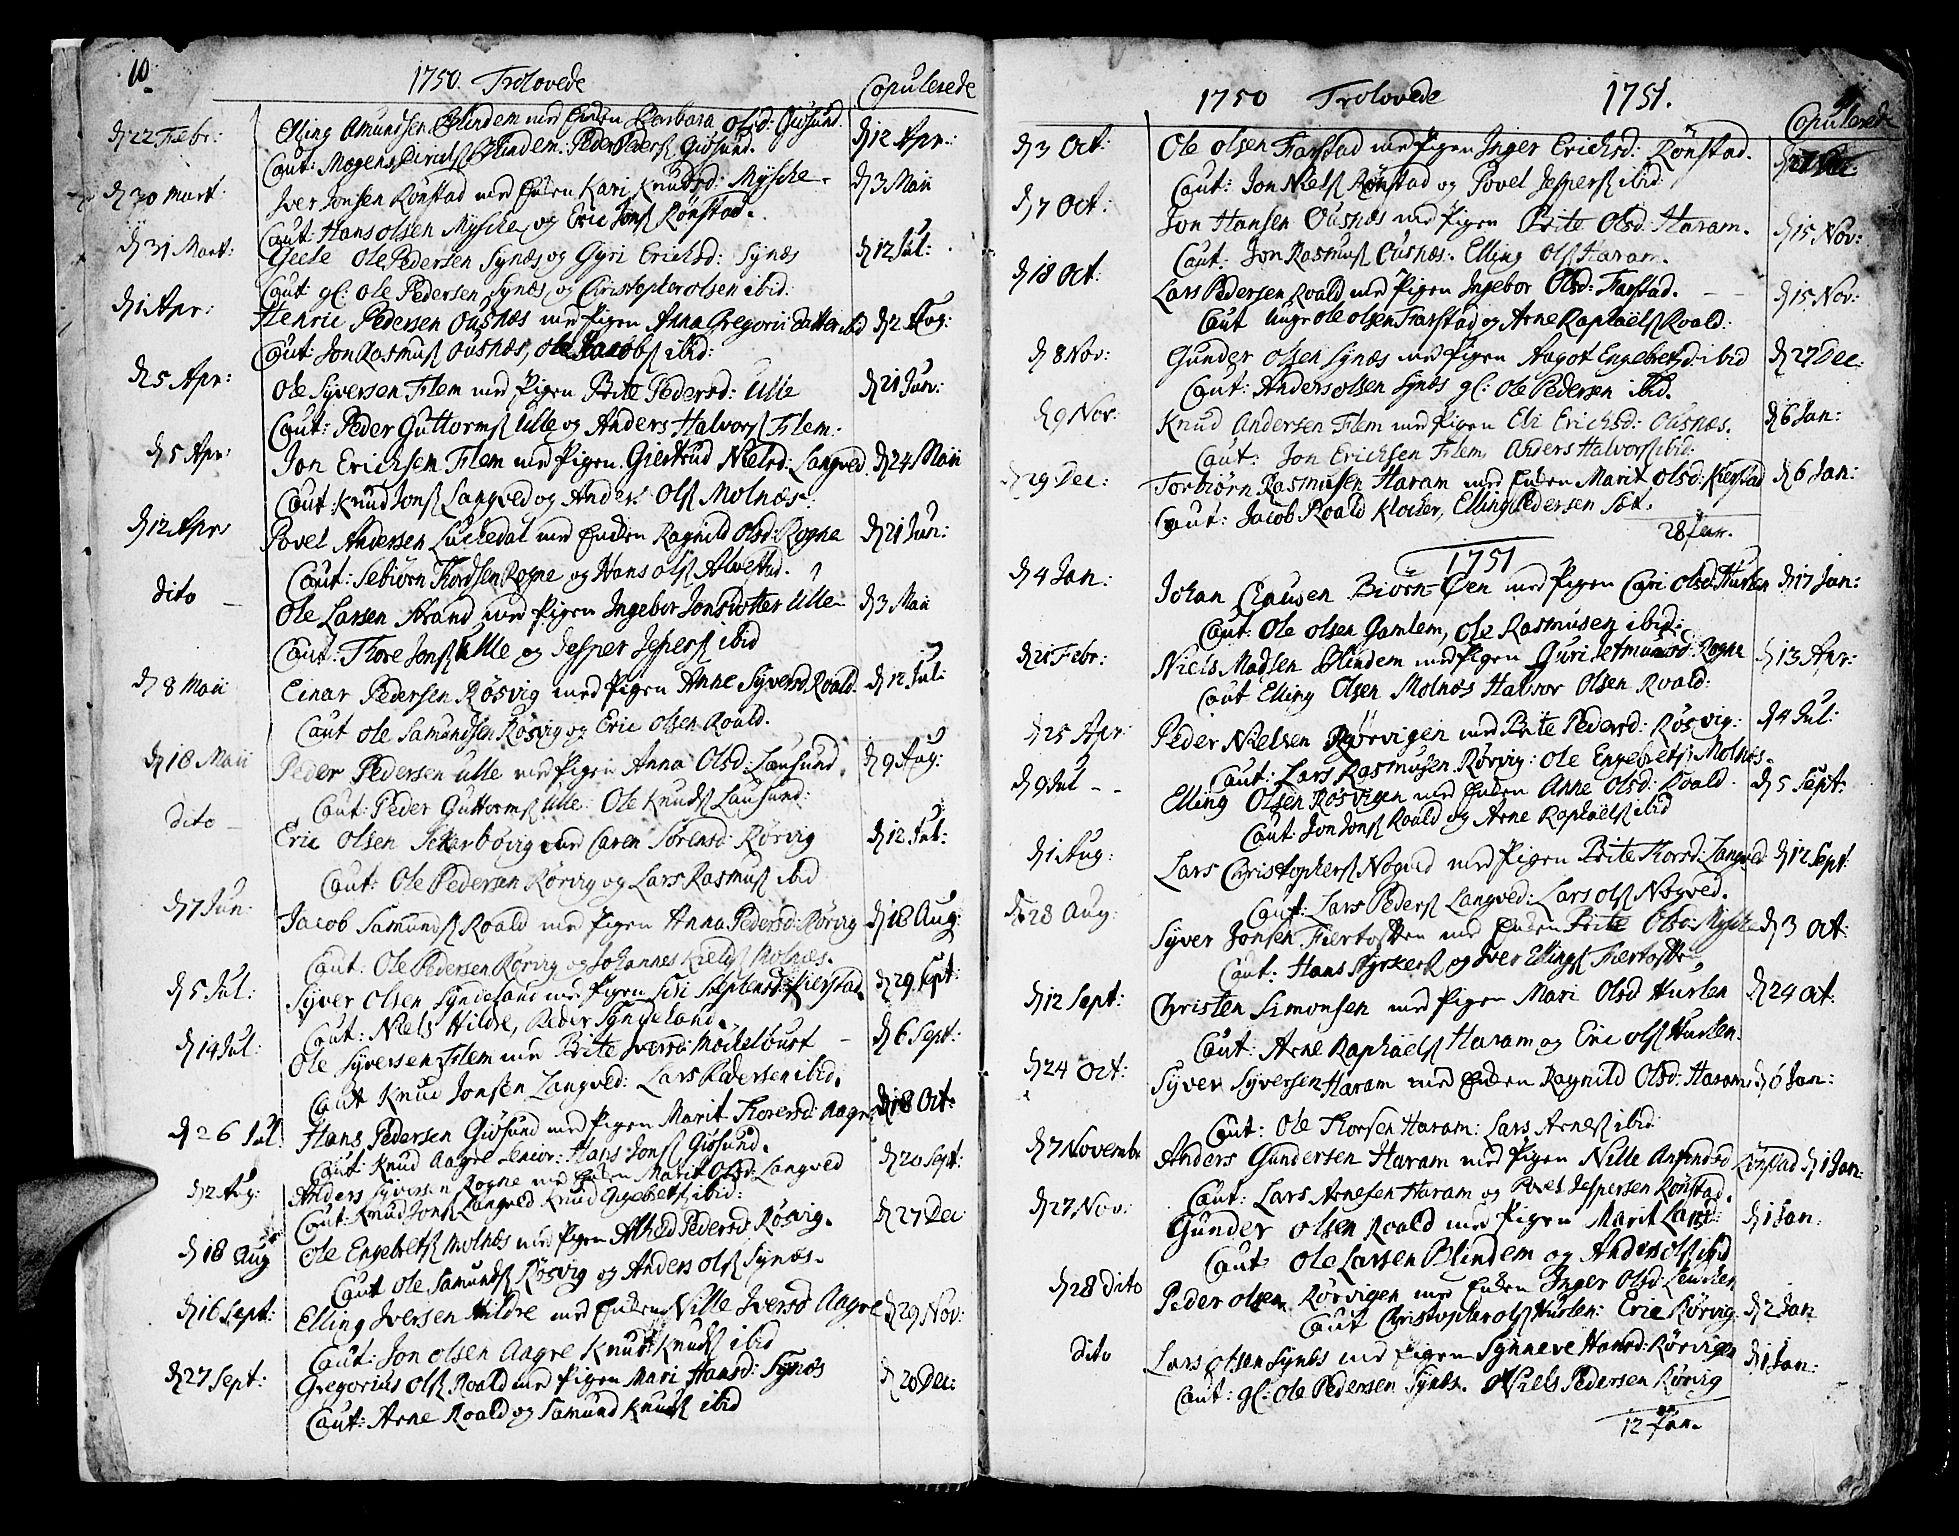 SAT, Ministerialprotokoller, klokkerbøker og fødselsregistre - Møre og Romsdal, 536/L0493: Ministerialbok nr. 536A02, 1739-1802, s. 10-11